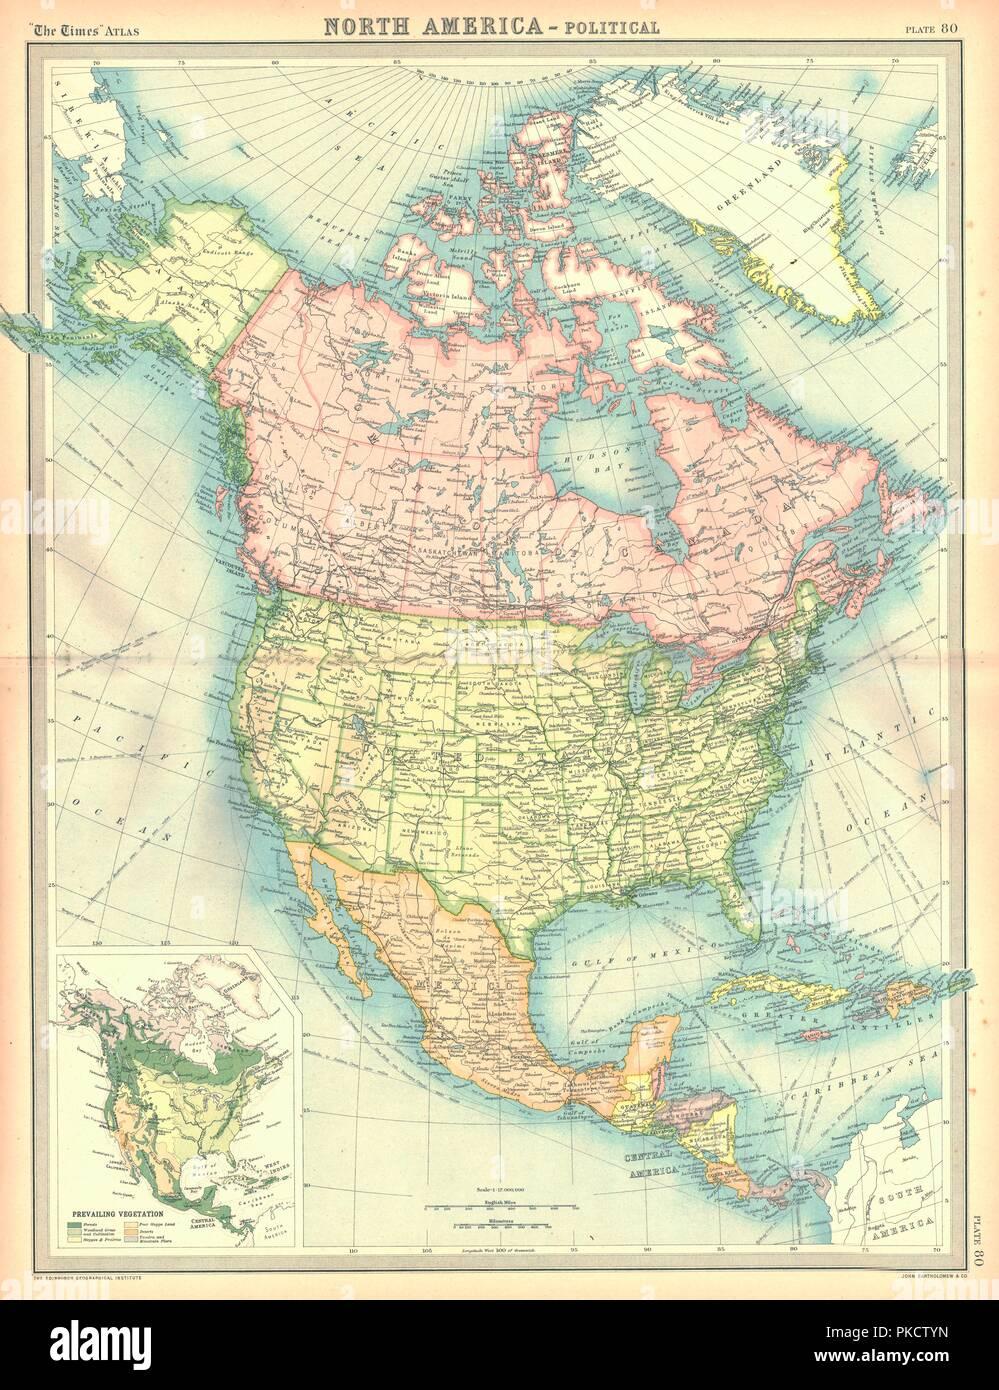 Carte politique de l'Amérique du Nord. Artiste: Inconnu. Banque D'Images